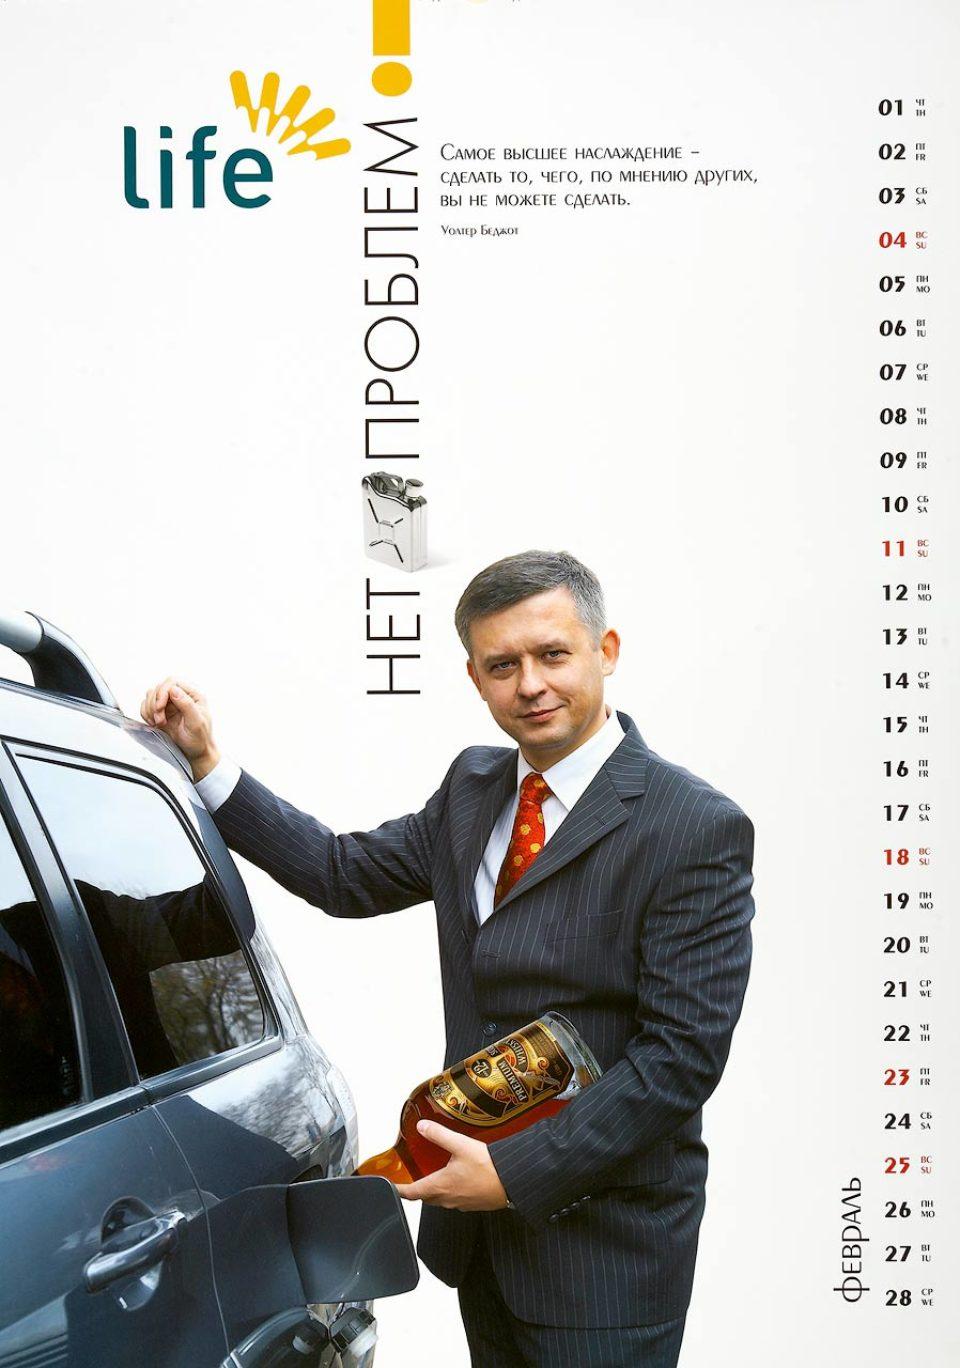 Имиджевая фотосъёмка для календаря